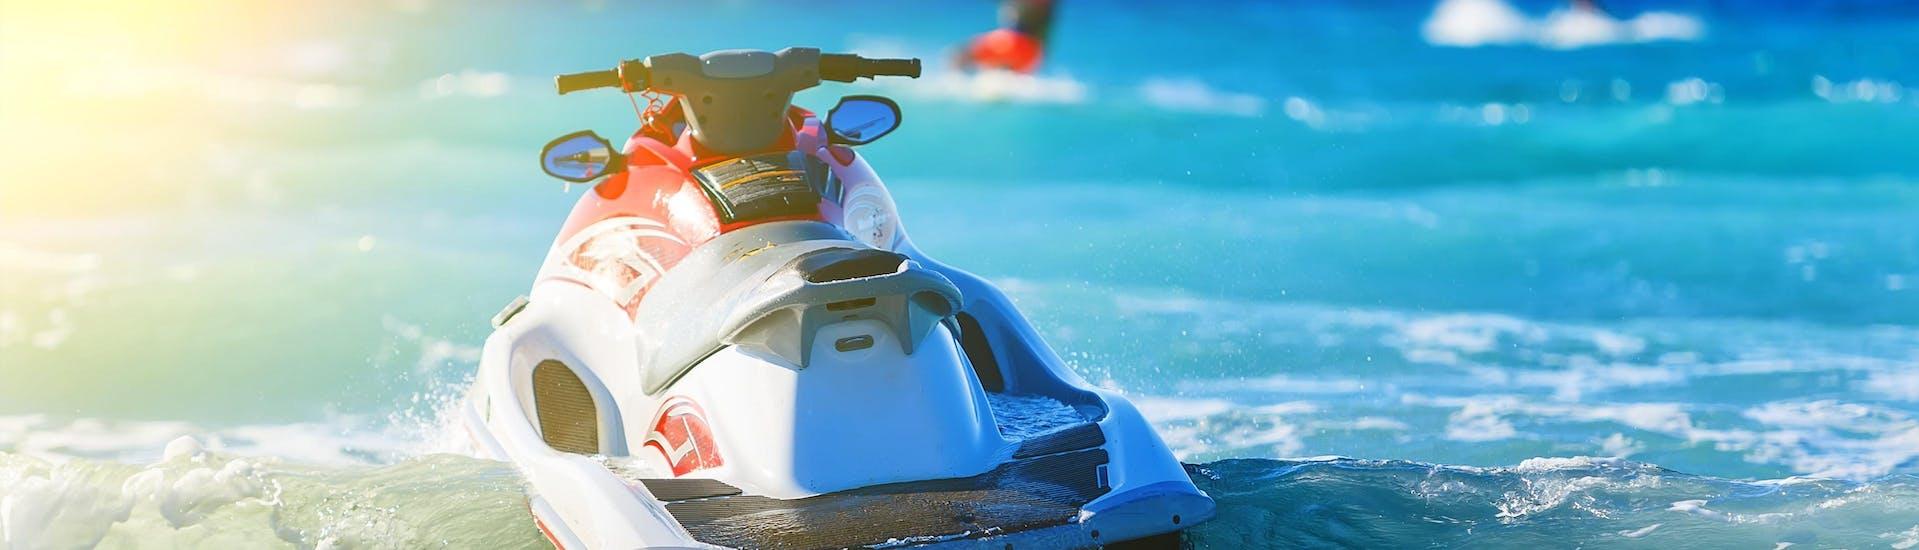 Ein Jetski steht bereit für alle die das Jetski-fahren in Main Beach - Gold Coast ausprobieren wollen.